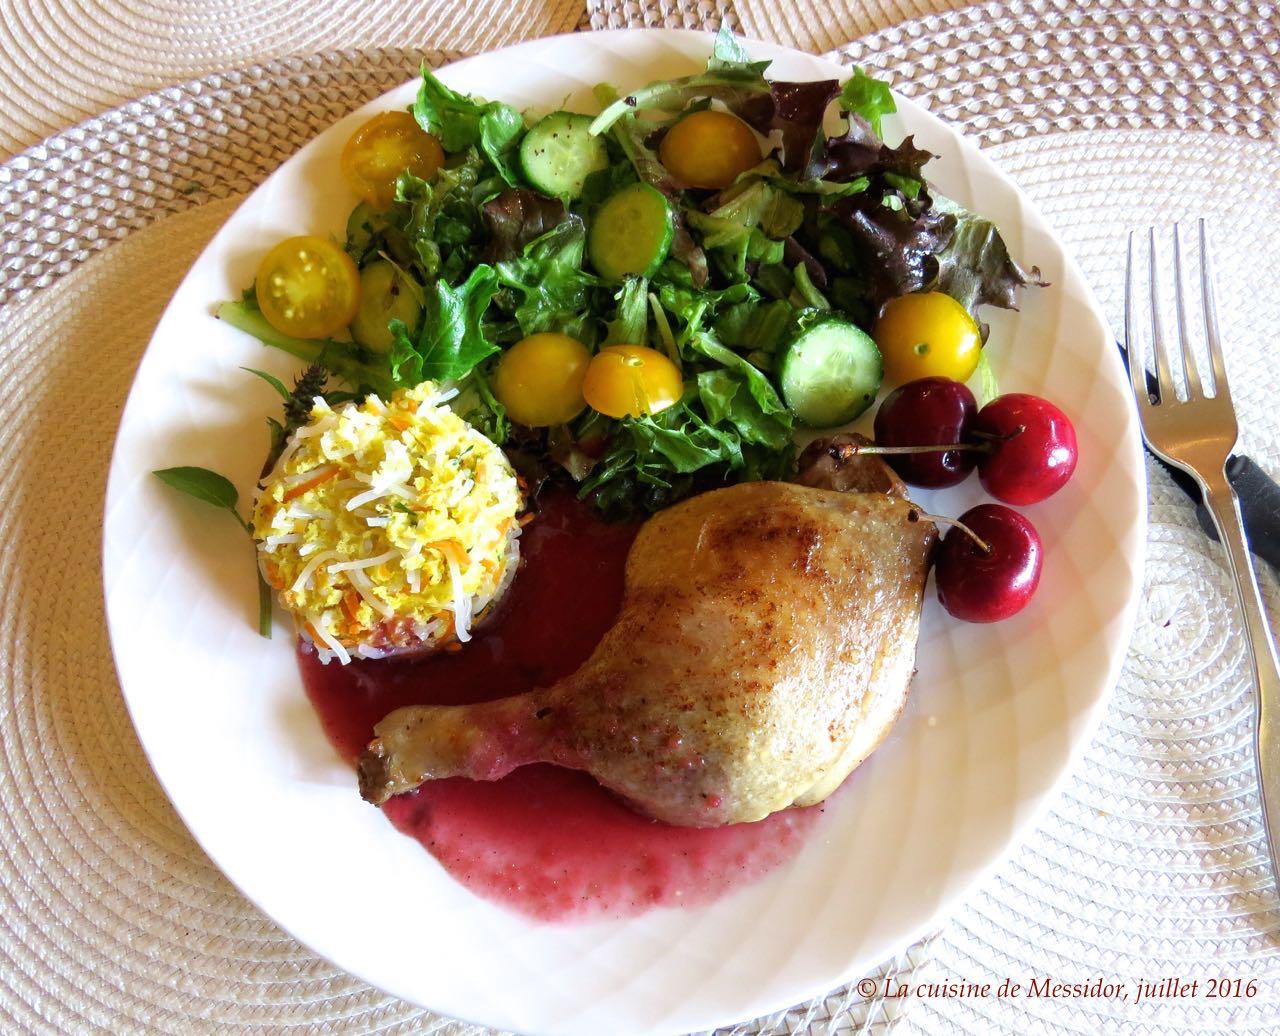 La cuisine de messidor cuisses de canard brais es aux - Comment cuisiner des cuisses de canard fraiches ...